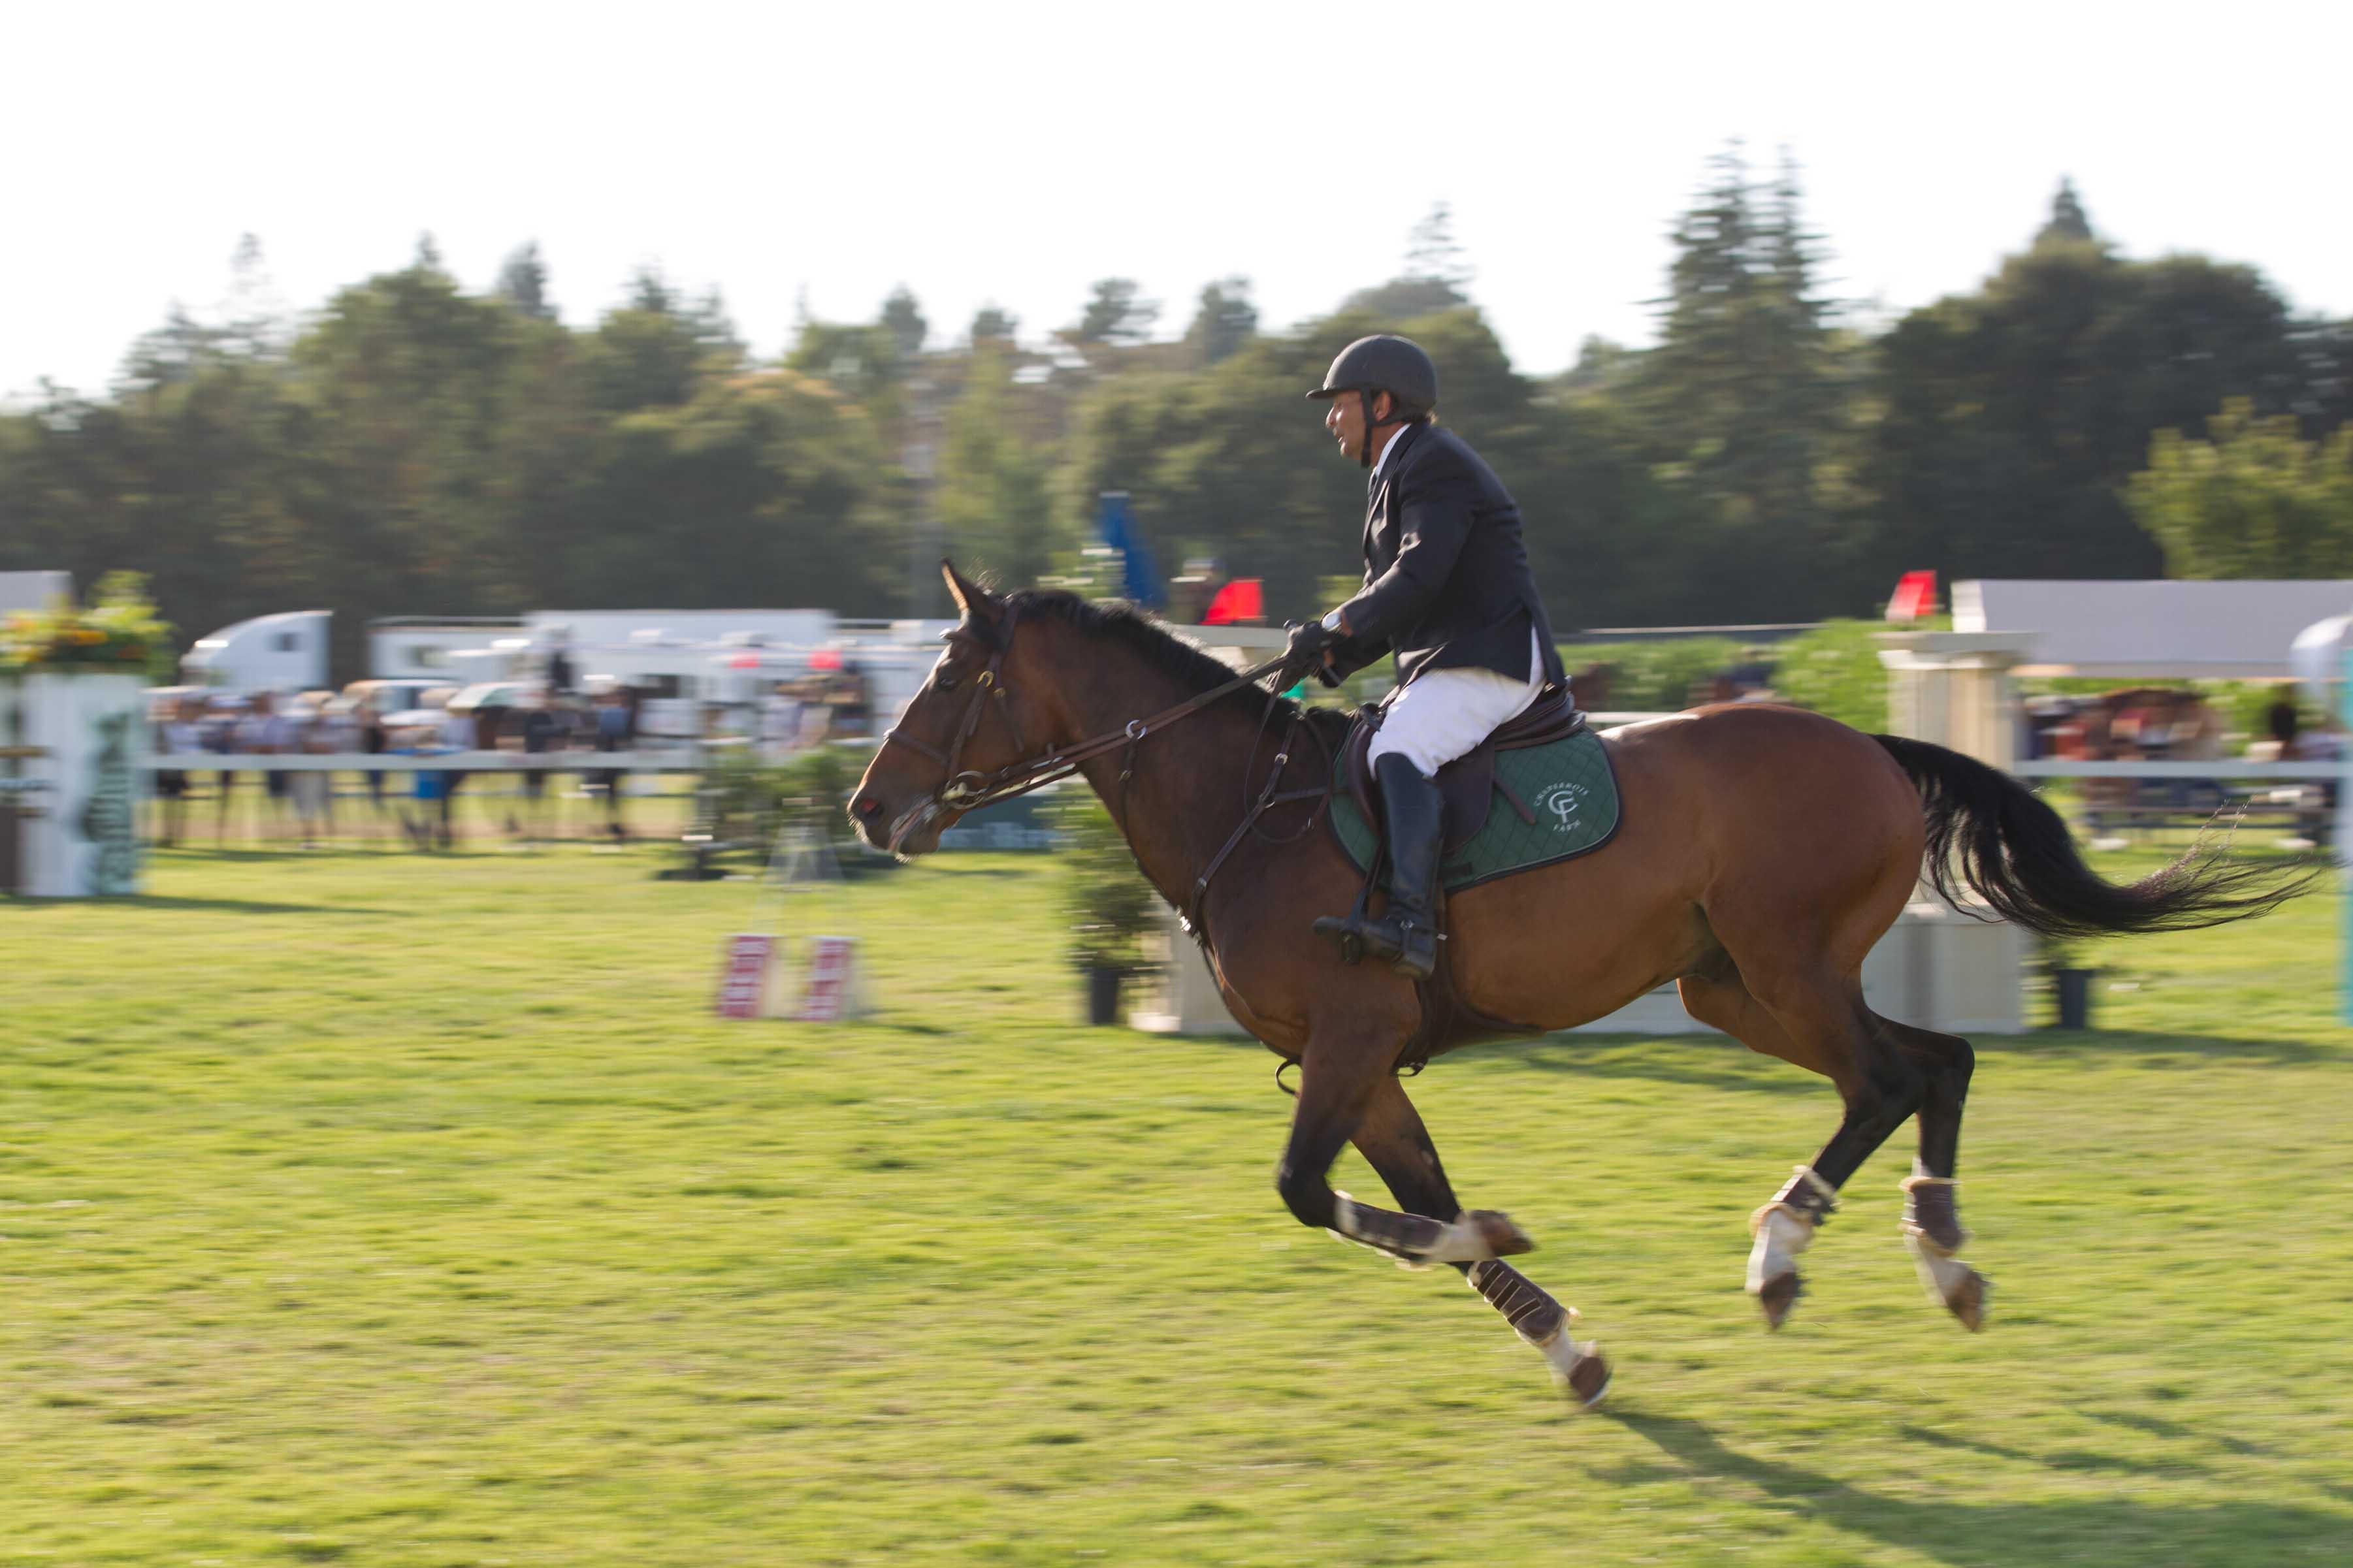 0563-Menlo-Horse-show-gala-110812